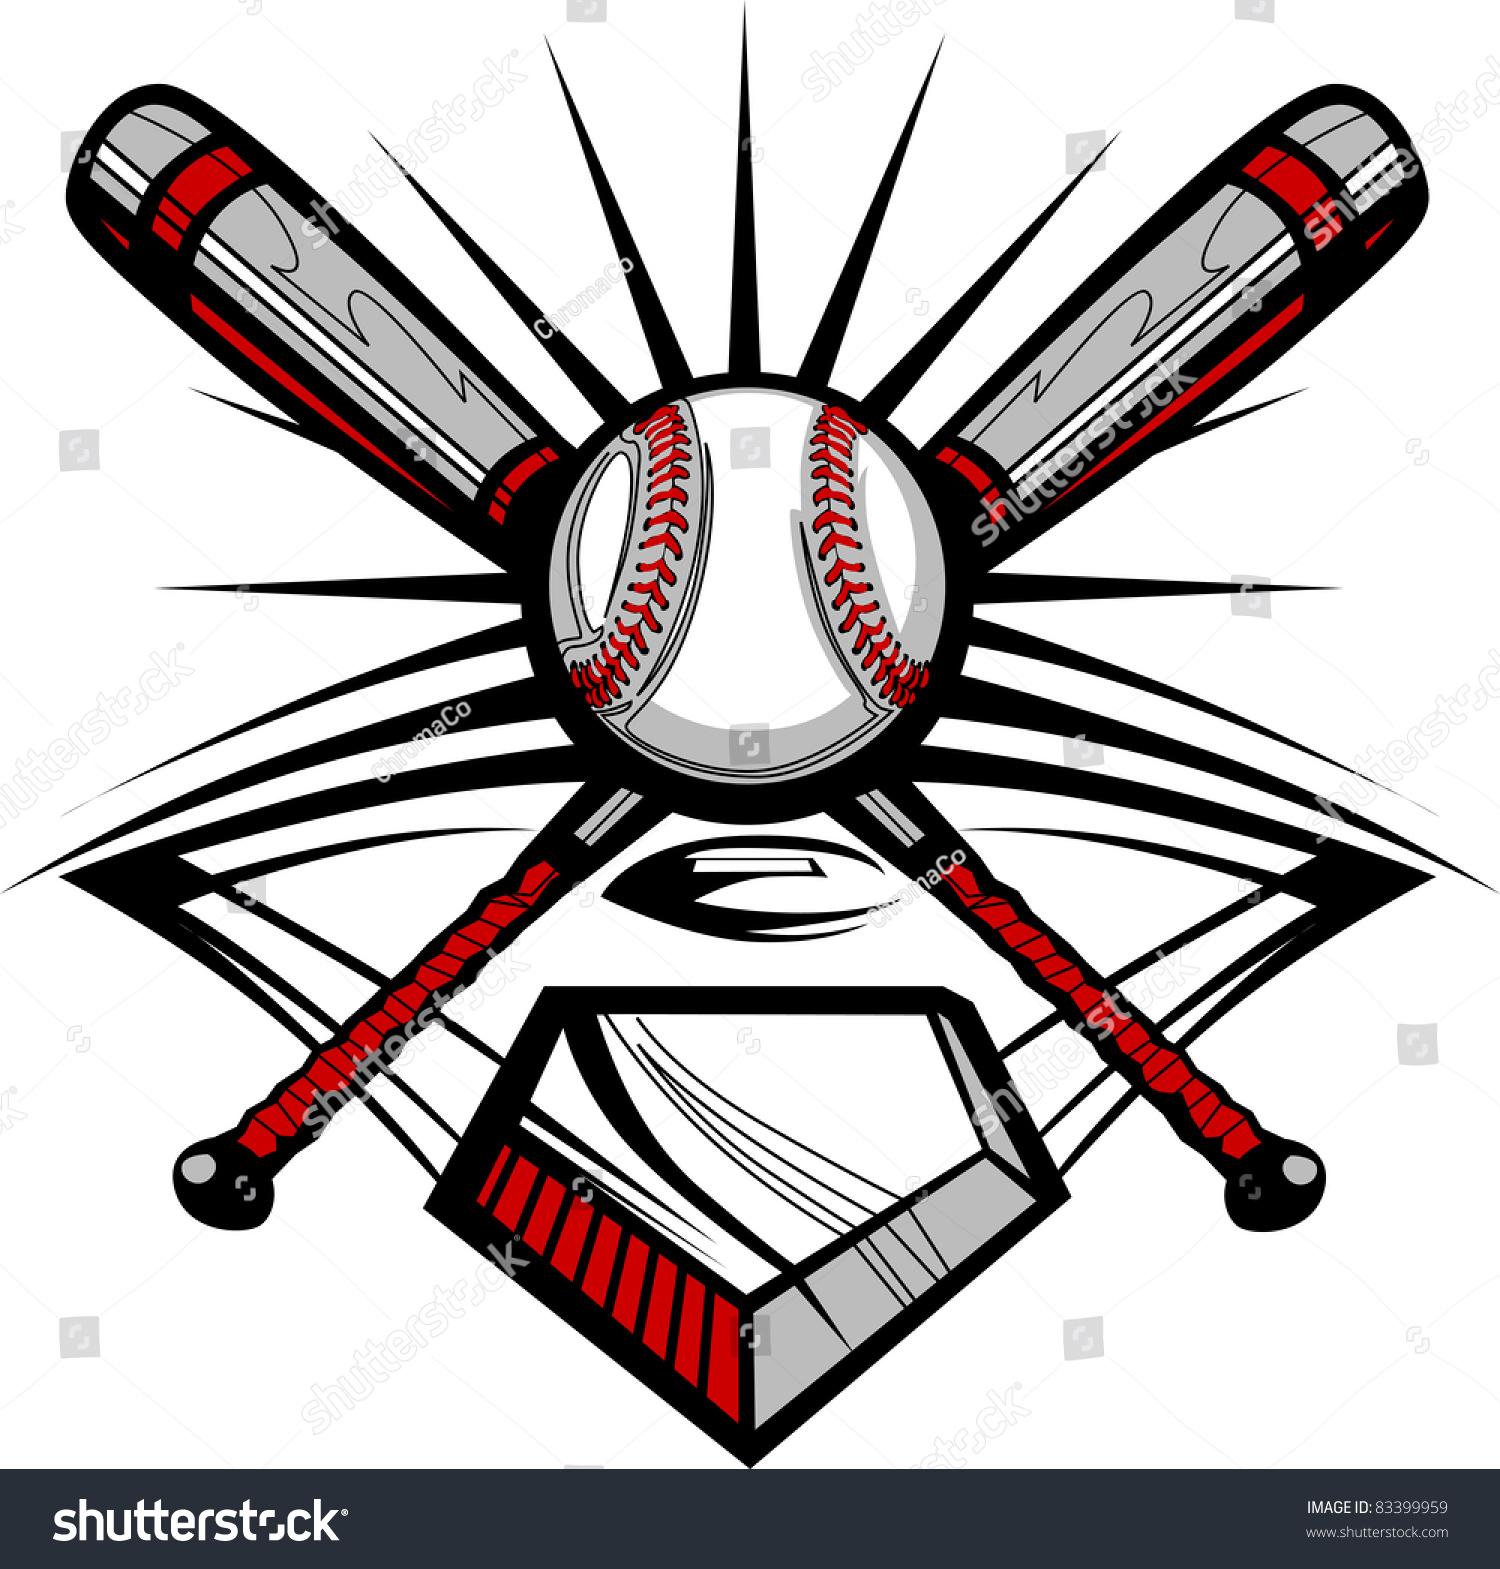 BASEBALL BAT AND BALL VECTOR - Download at Vectorportal  |Baseball Bat And Ball Vector